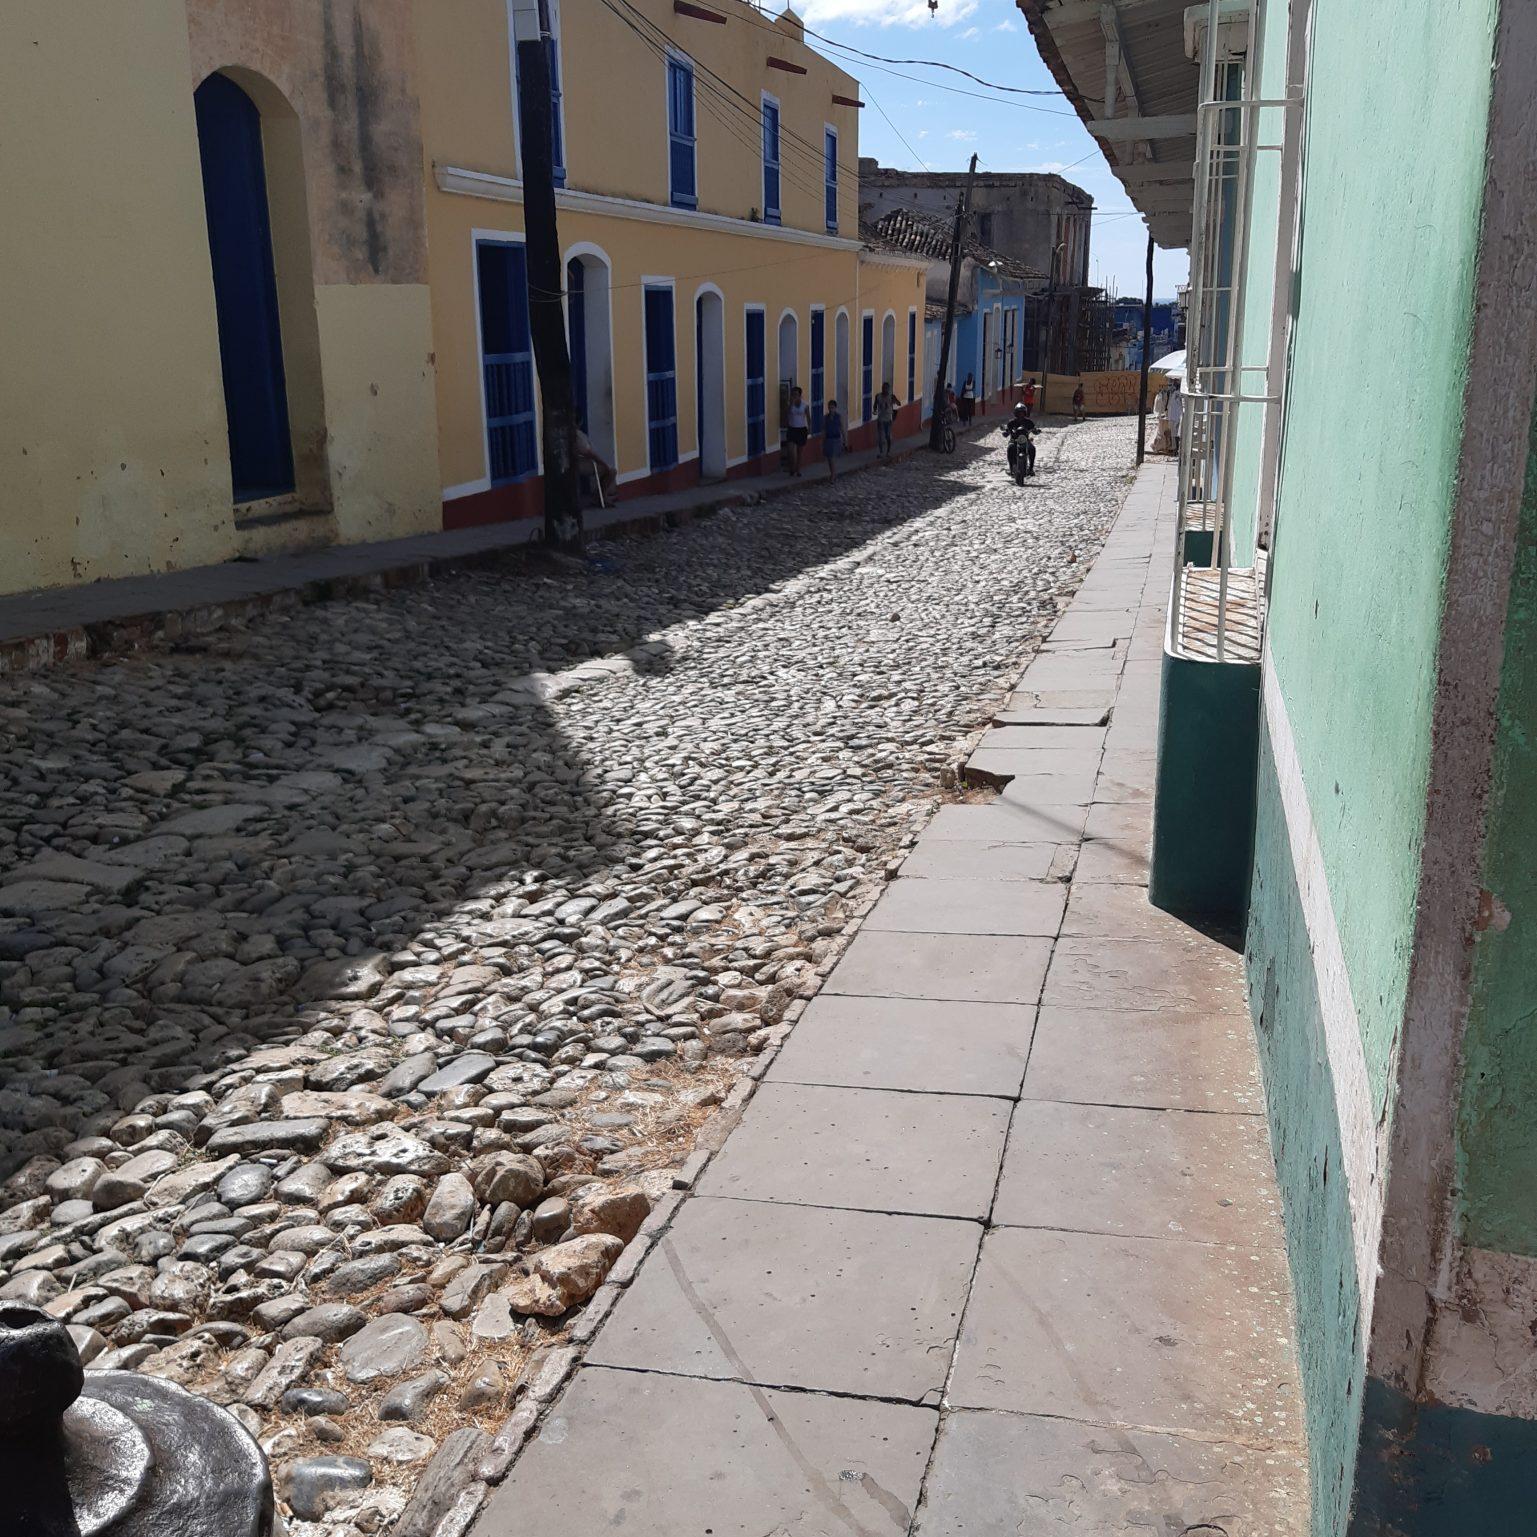 Trinidad Kopfsteinpflaster